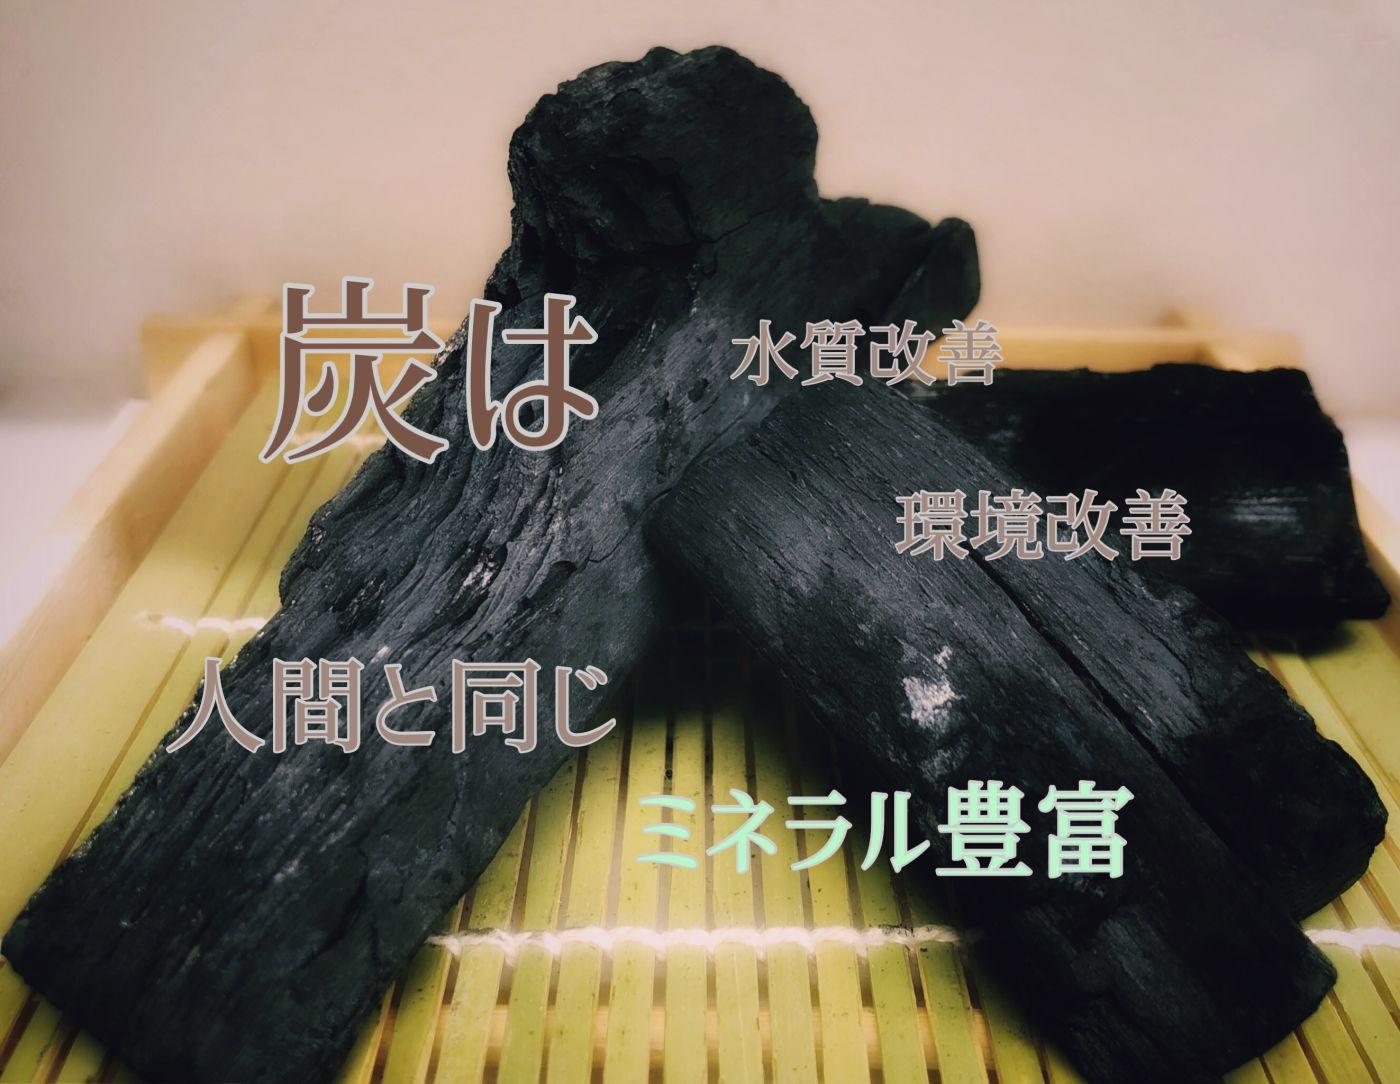 炭は人間と同じミネラル